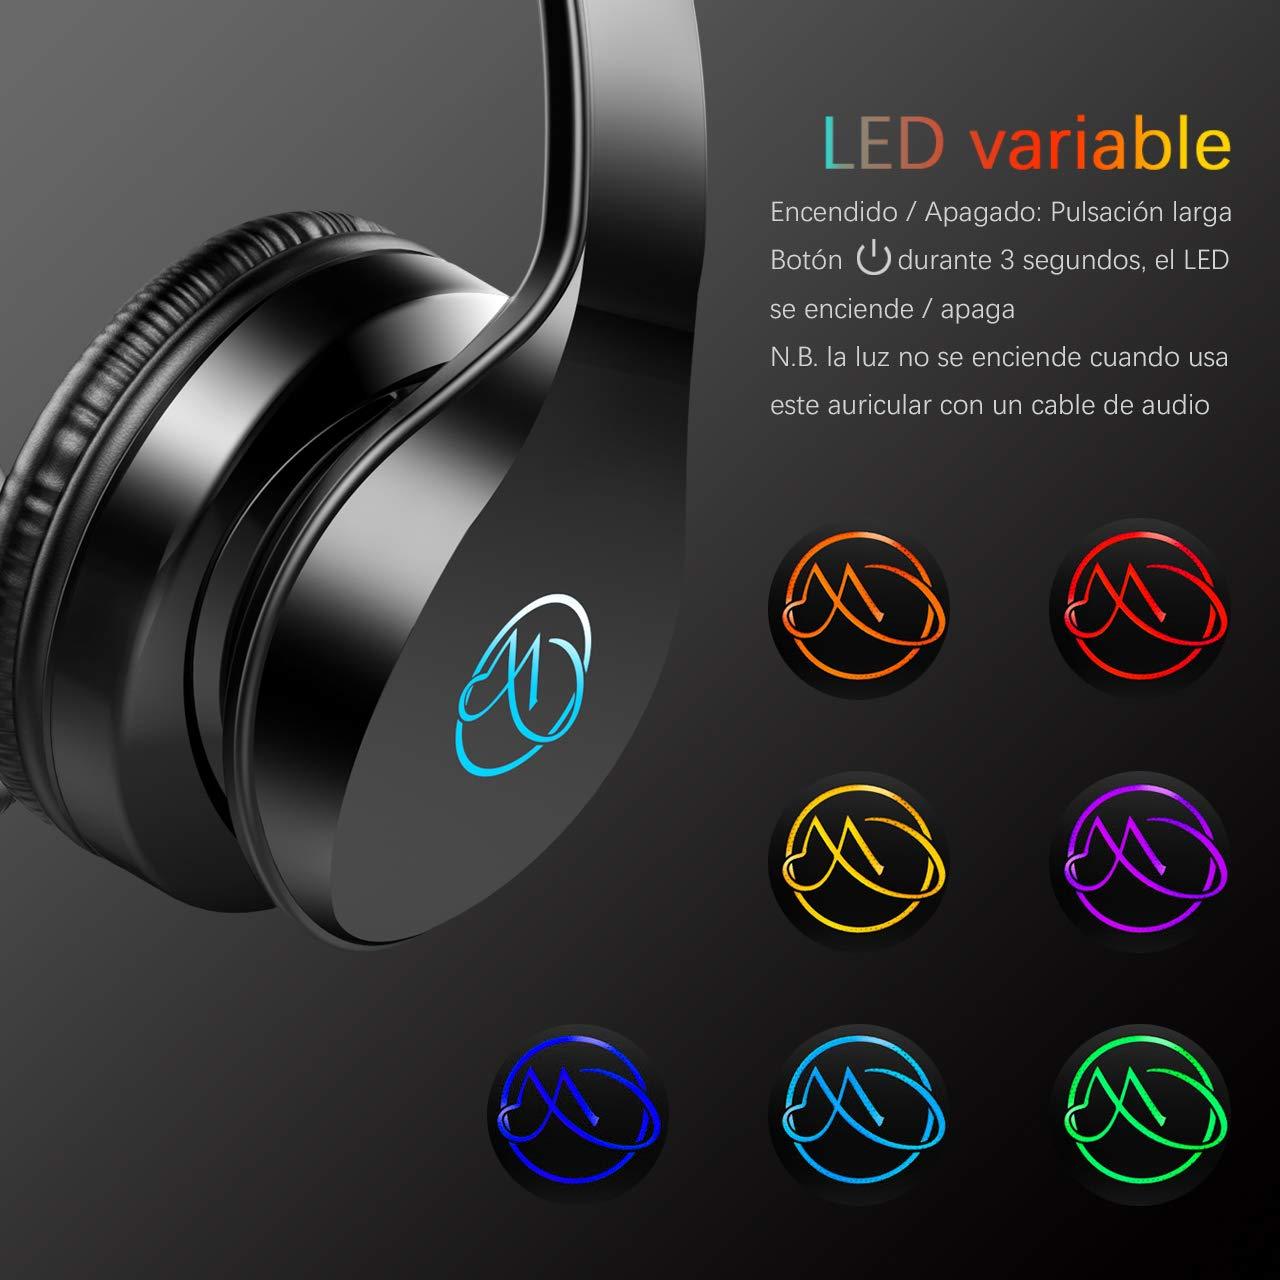 Macrout Cascos Bluetooth Inalámbricos, Auriculares con Bluetooth Portatiles con Microfono Cascos Estéreo Plegable 7 LED Hi-Fi Almohadillas de Protección ...